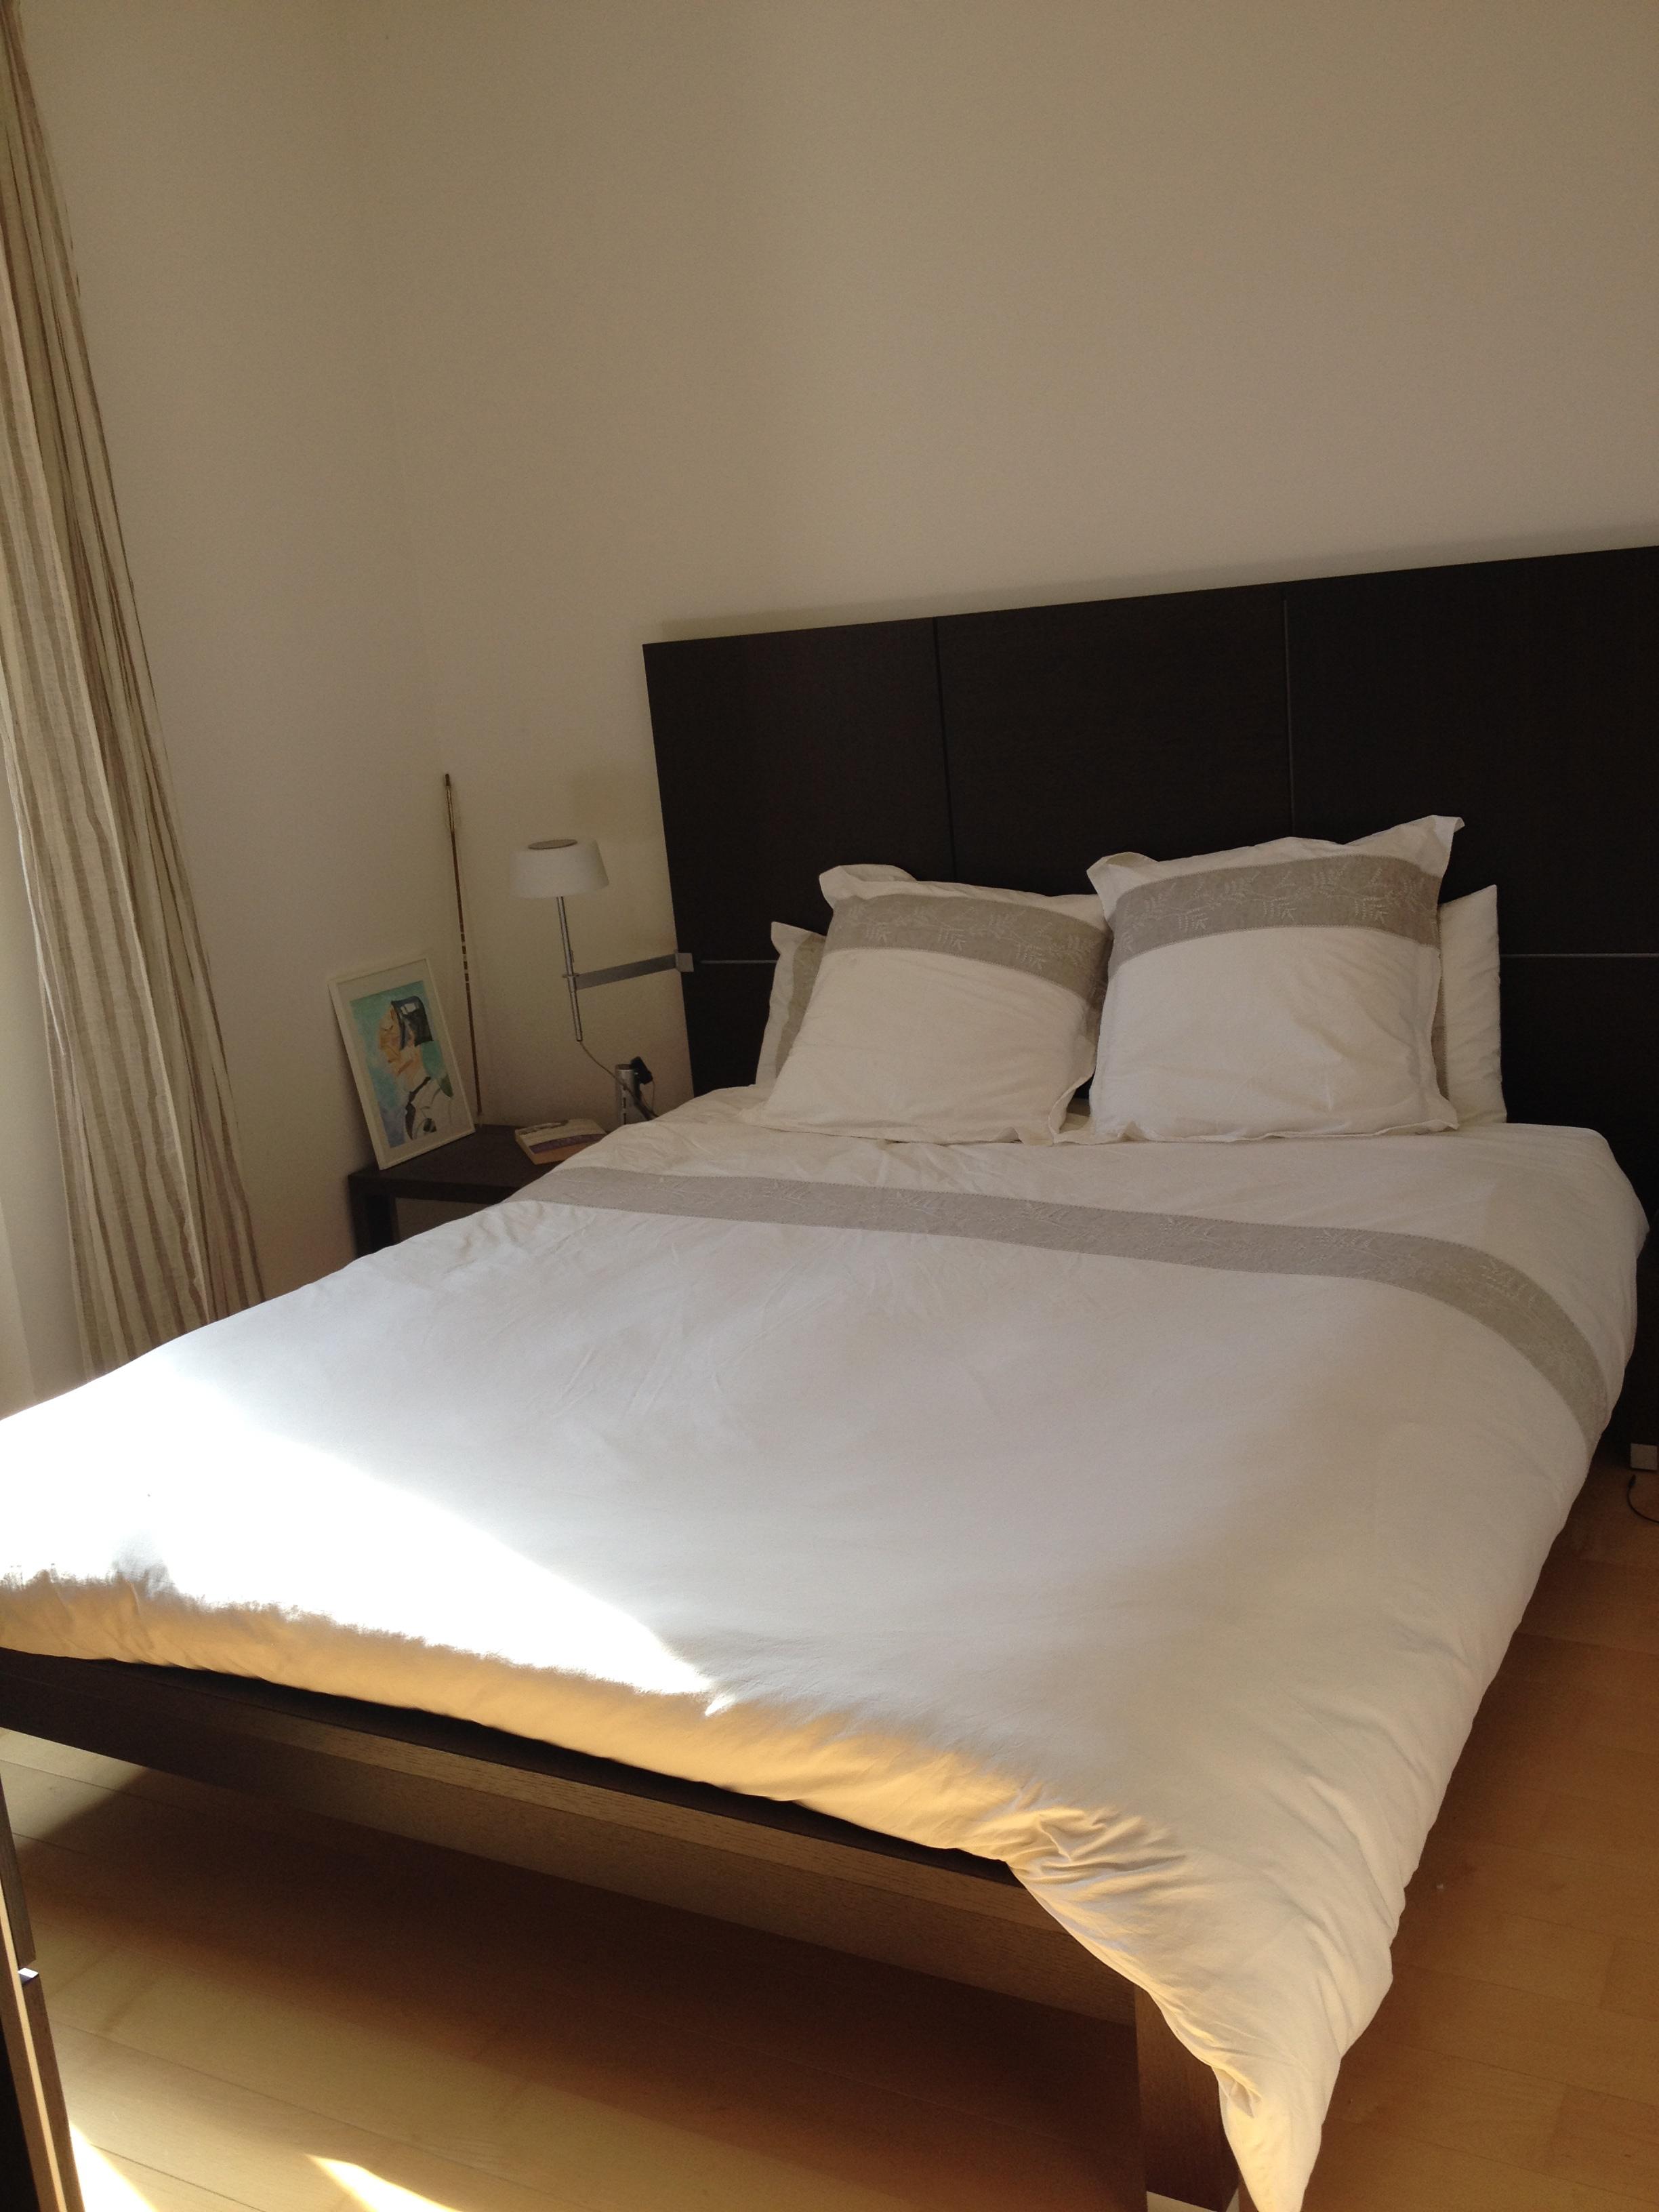 comment bien choisir sa literie anne sophie ross. Black Bedroom Furniture Sets. Home Design Ideas